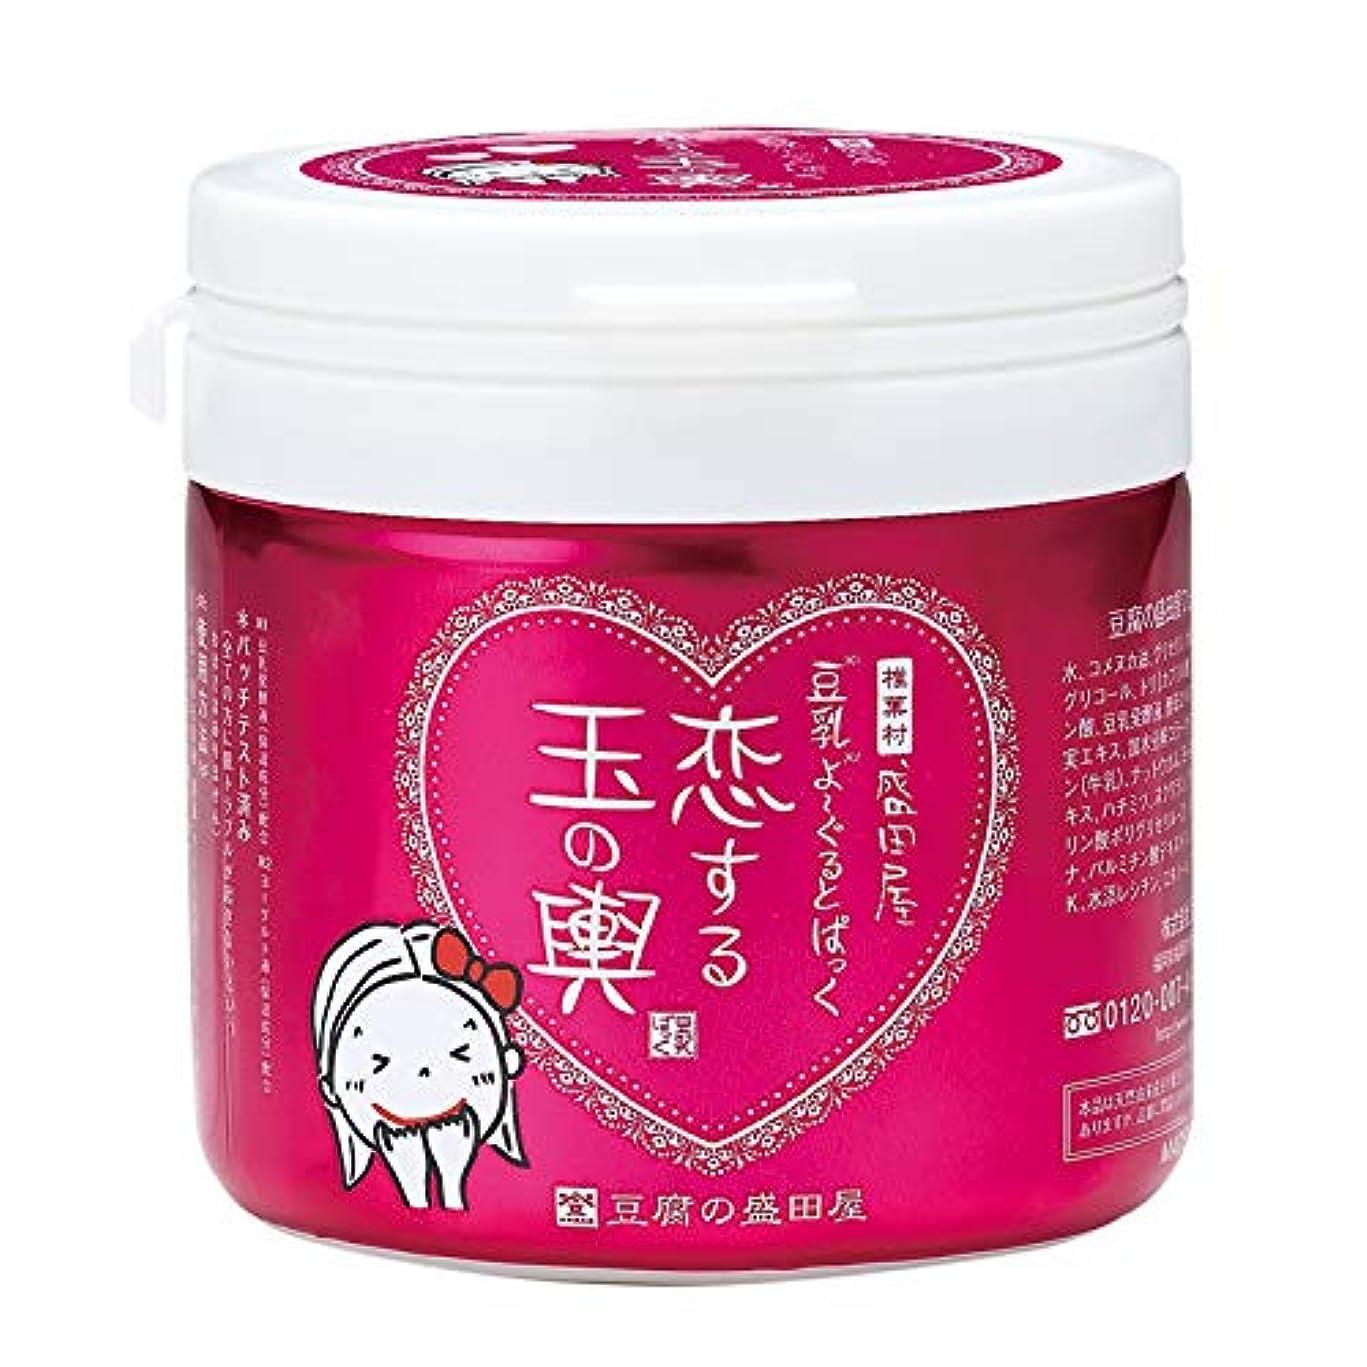 しなやかな改善する励起豆腐の盛田屋 豆乳よーぐるとぱっく 恋する玉の輿 150g